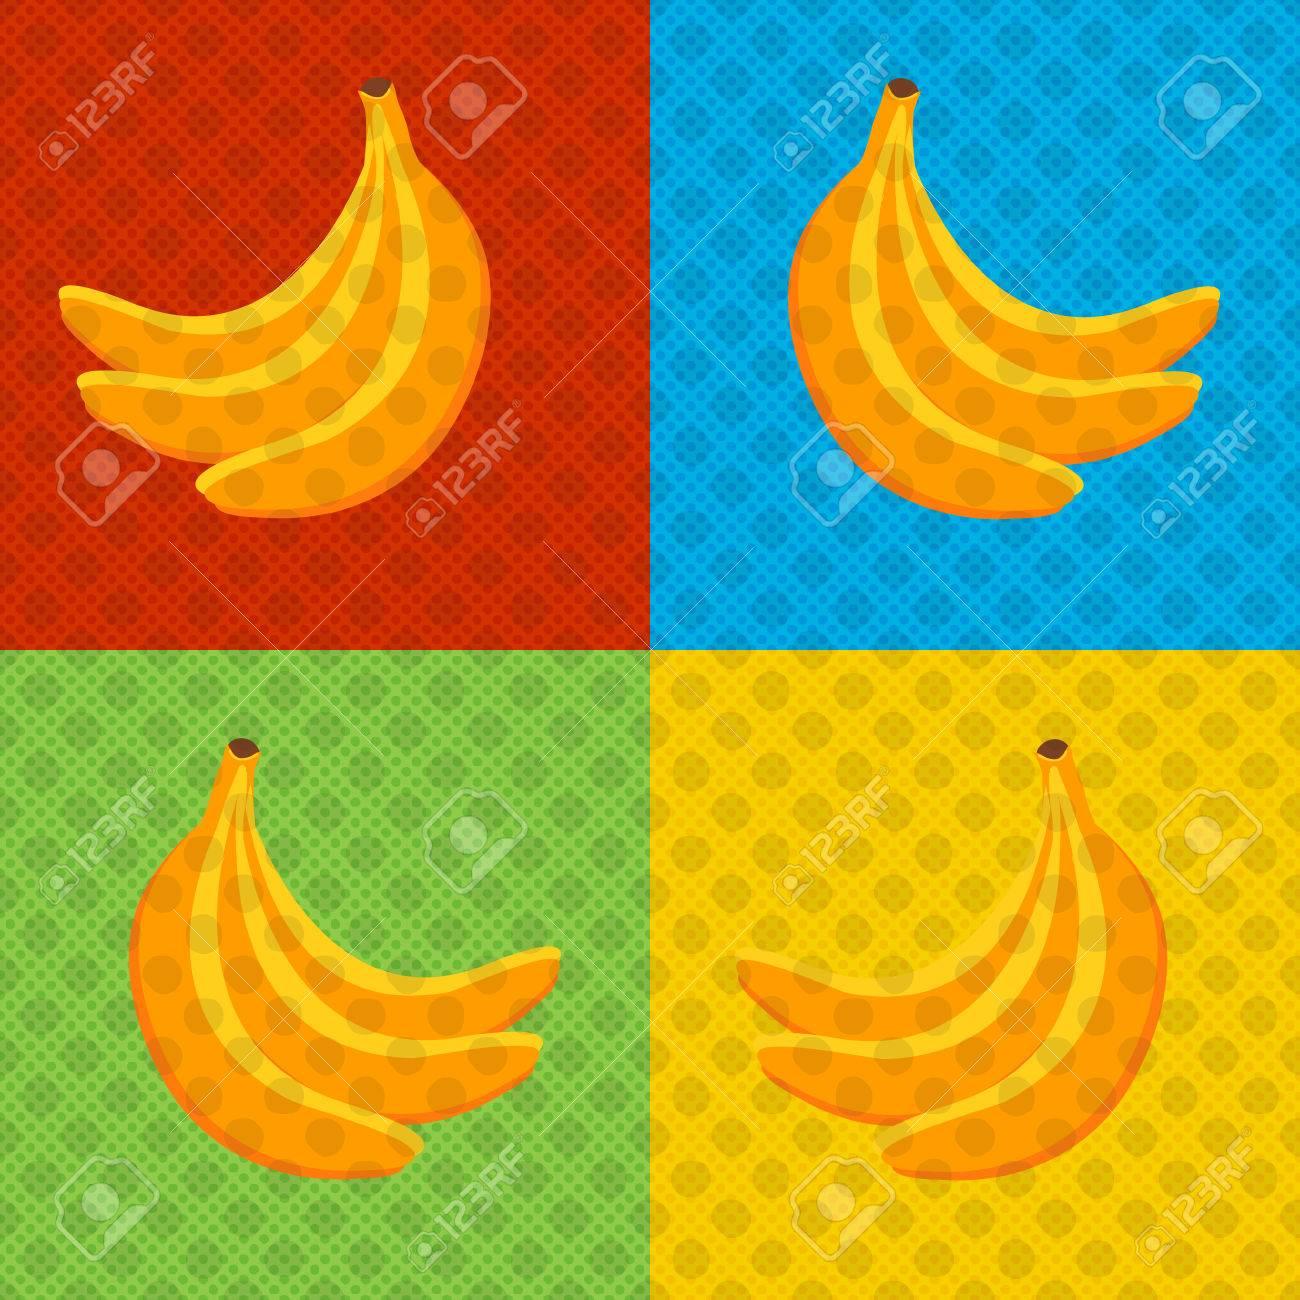 Poster design eps - Bananas Pop Art Style Poster Design For Poster Cover Brochure Vector Illustration Eps